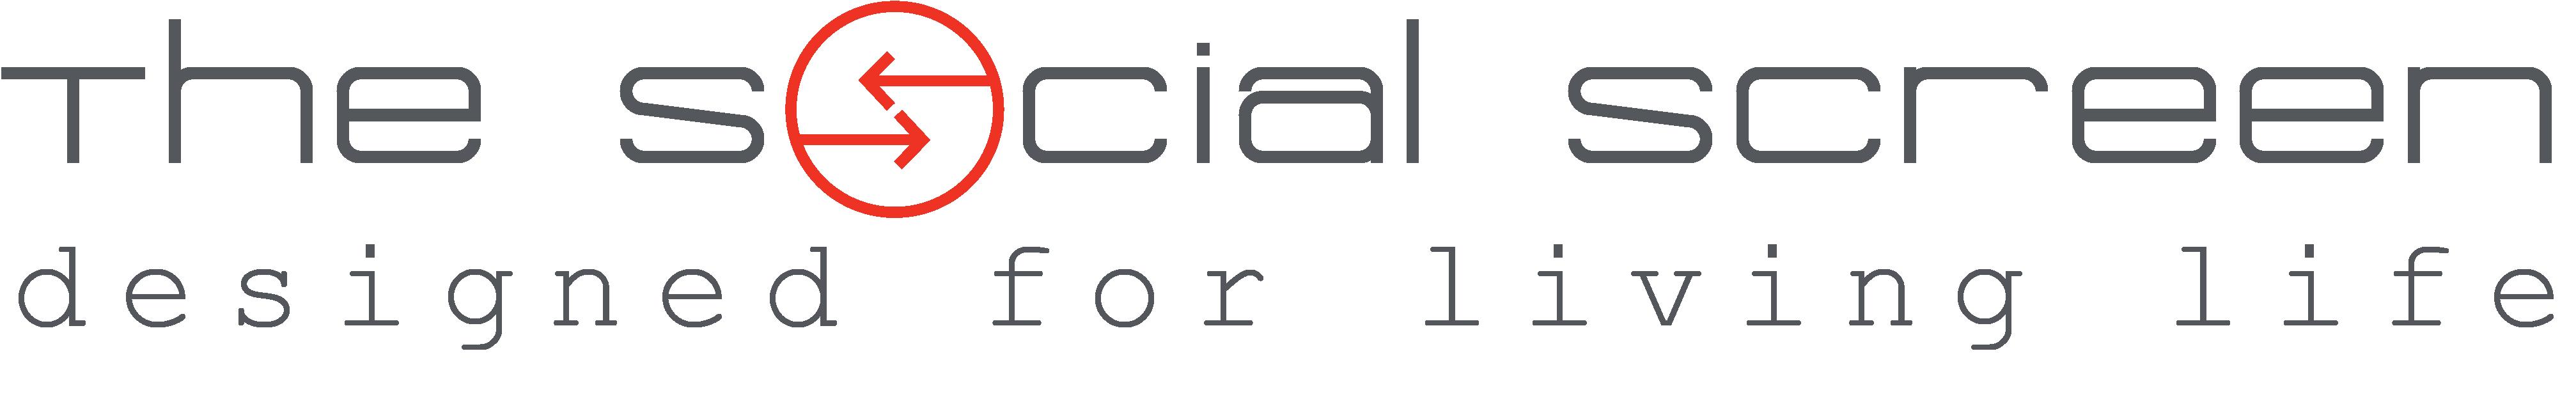 The Social Screen Logo